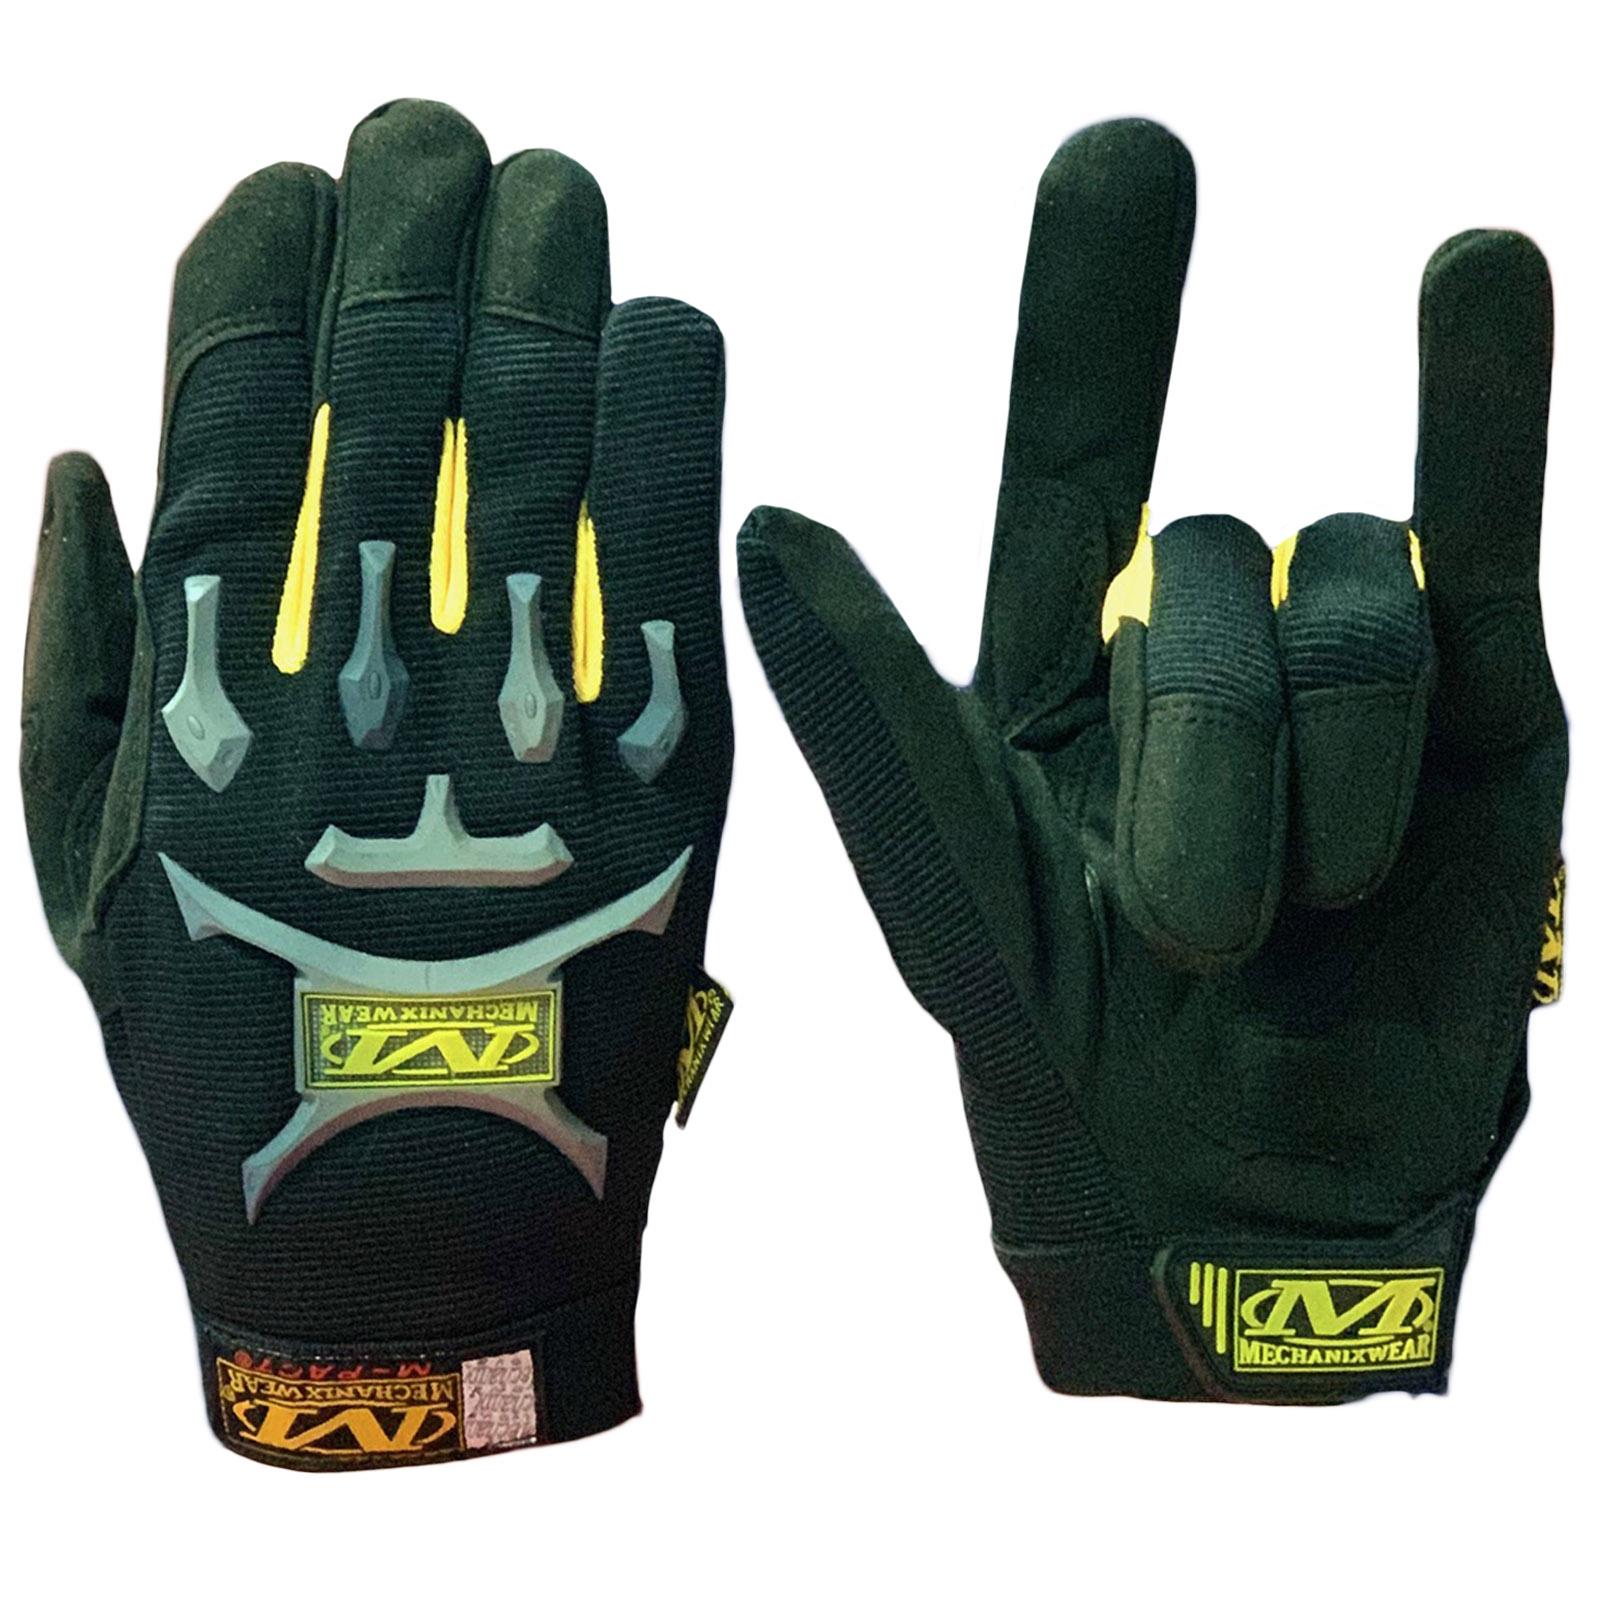 Байкерские эргономичные перчатки от Clarino